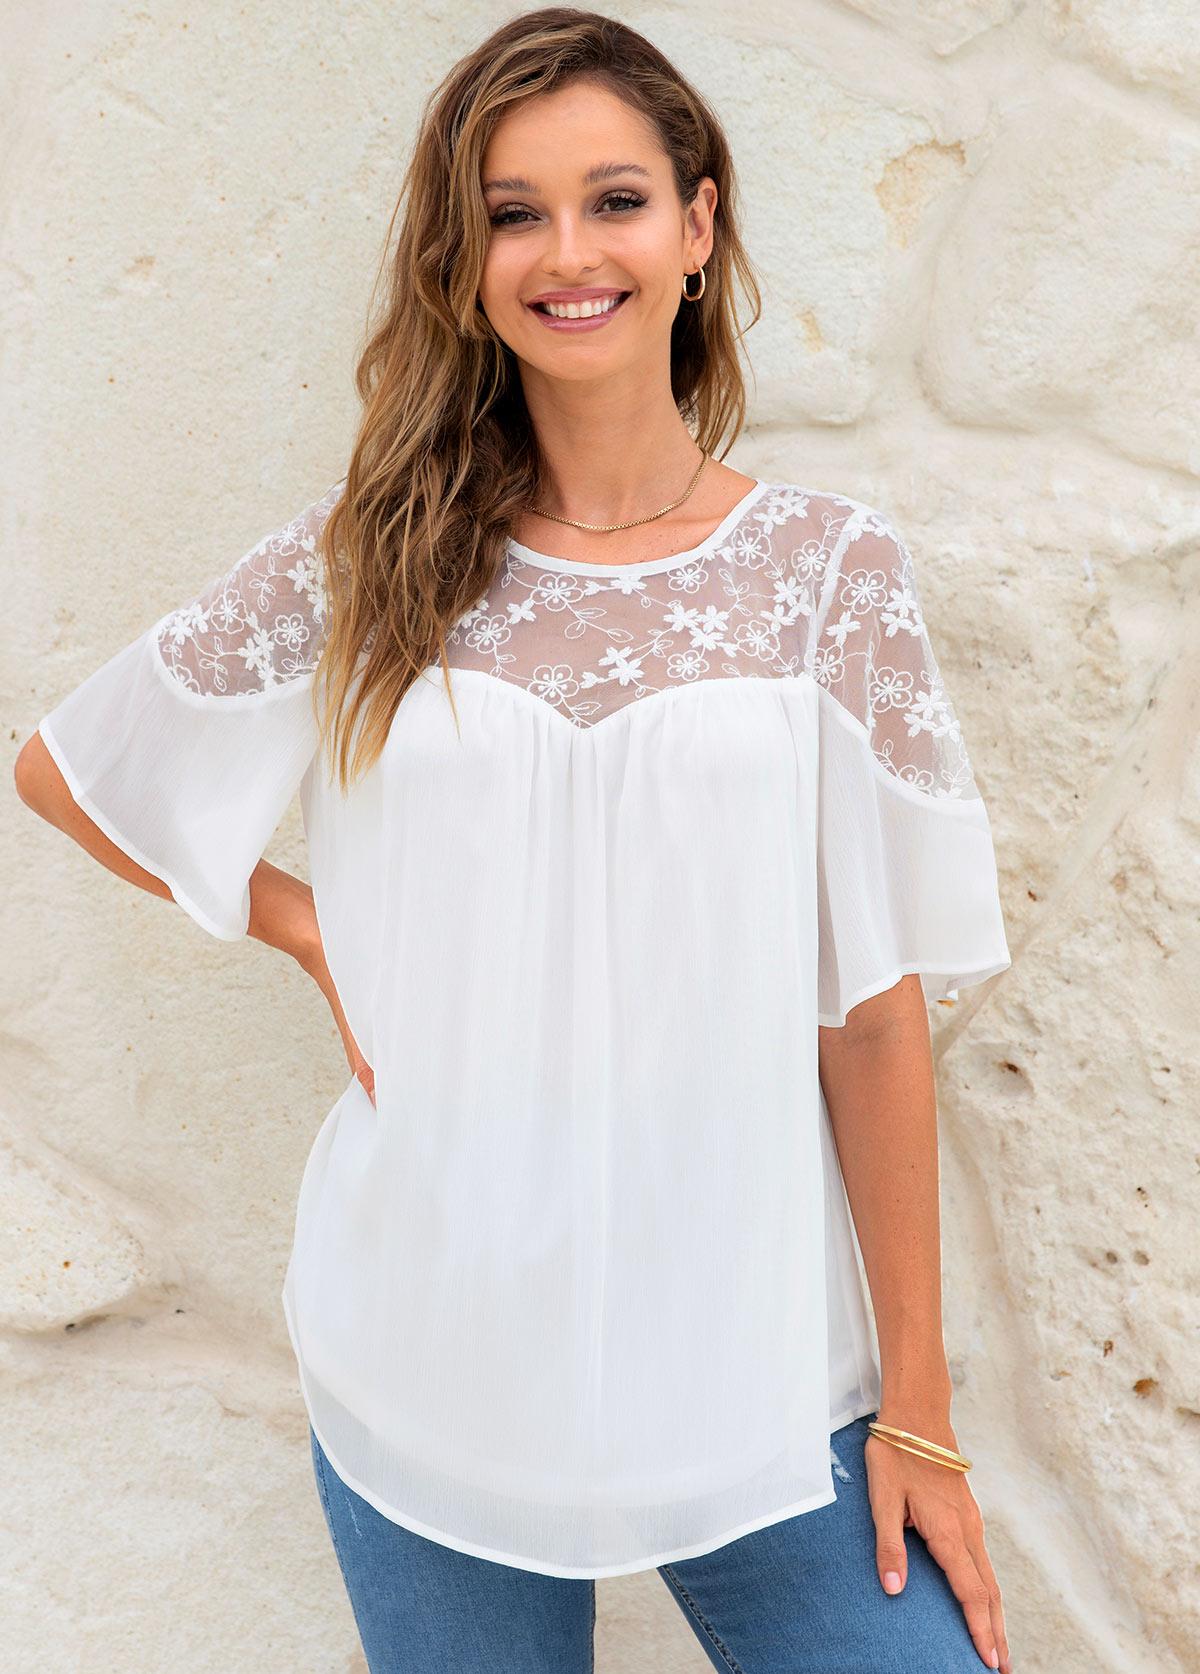 Lace Stitching Round Neck Short Sleeve Blouse